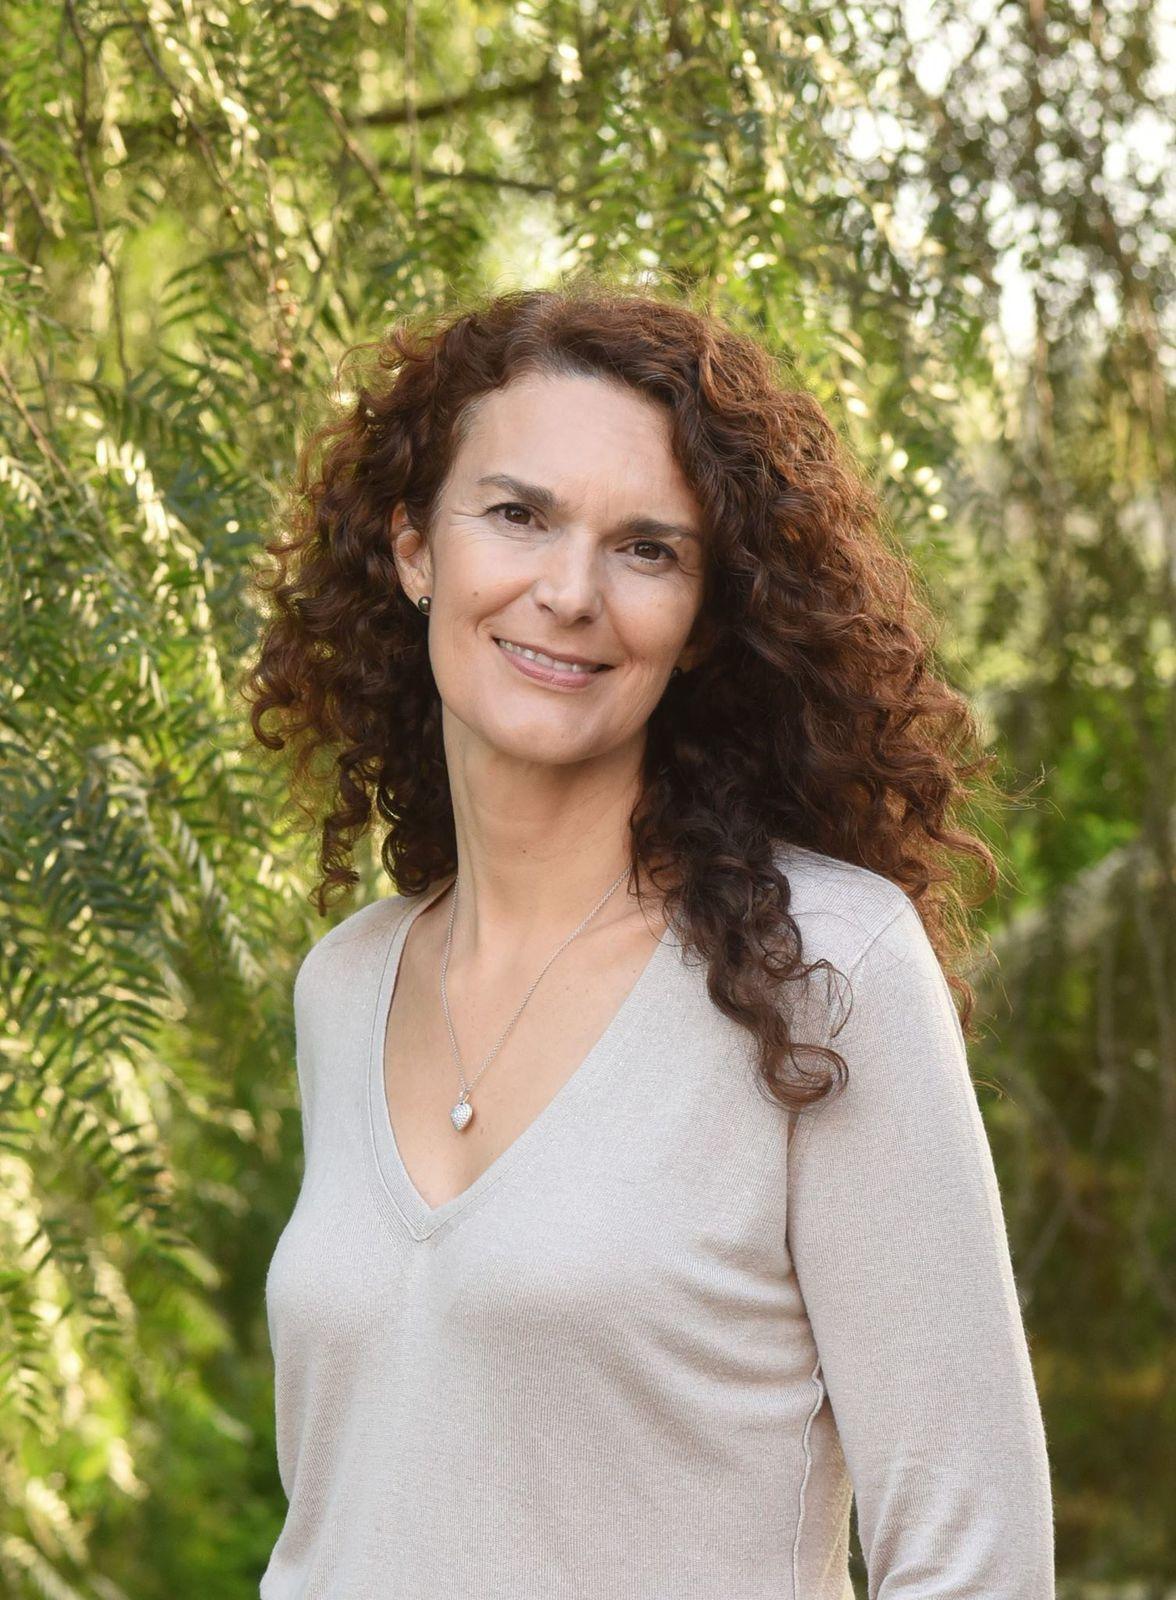 138 – Portrait du jour : Élisa Sebbel, l'auteure du roman « La prisonnière de la mer »